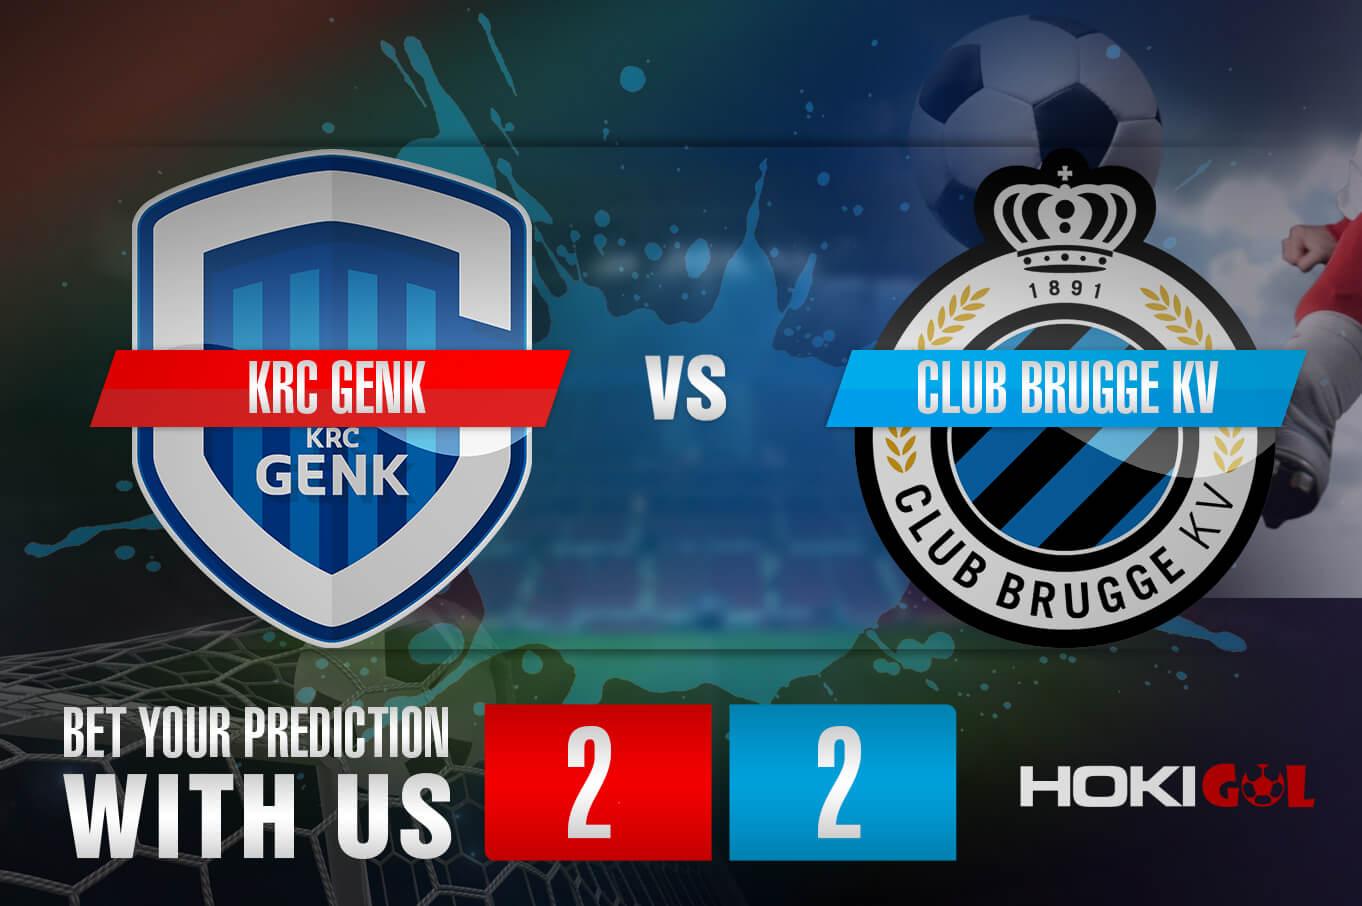 Prediksi Bola KRC Genk Vs Club Brugge KV 8 Mei 2021